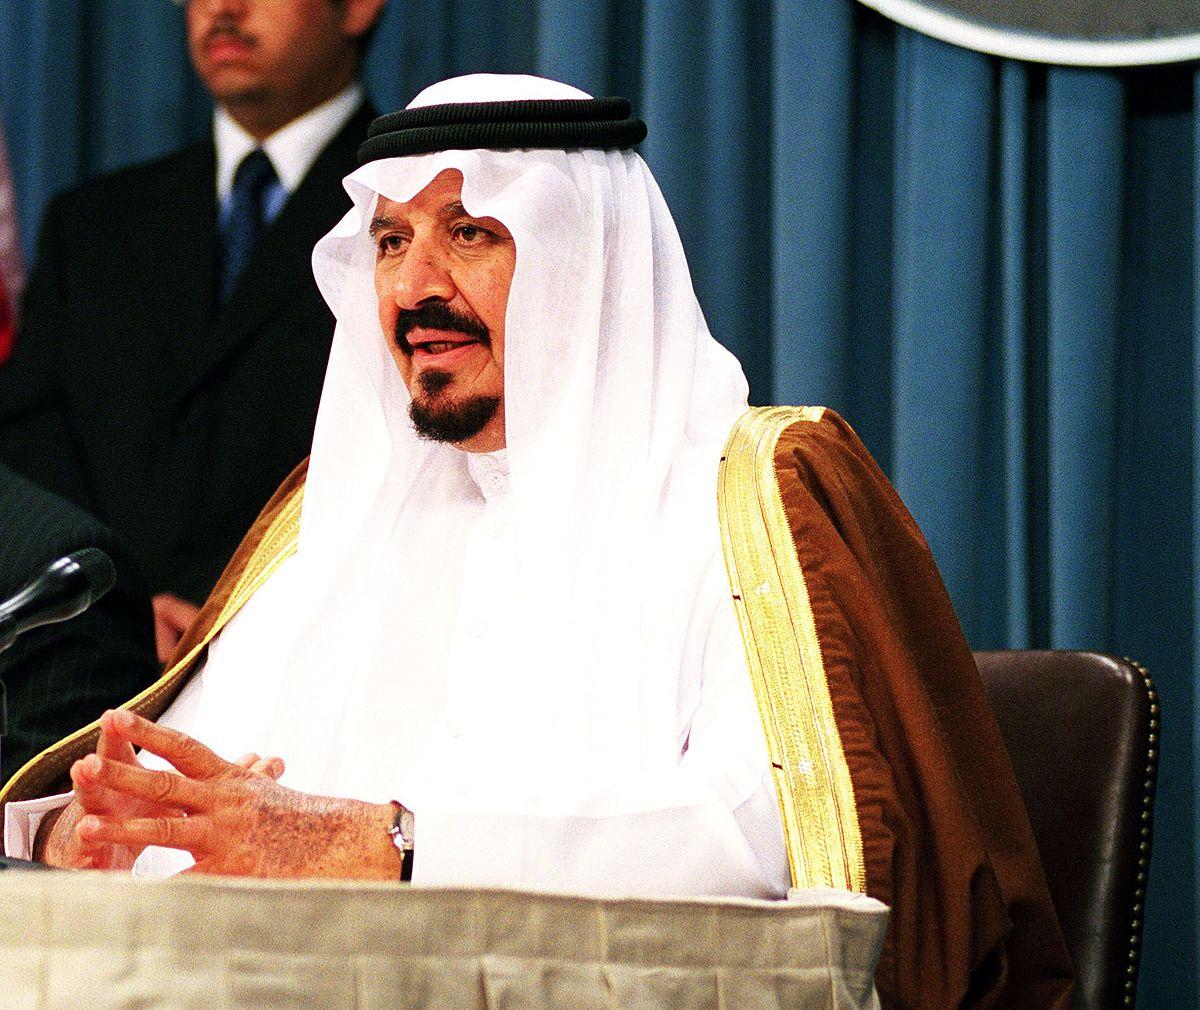 سلطان بن عبد العزيز آل سعود ويكيبيديا